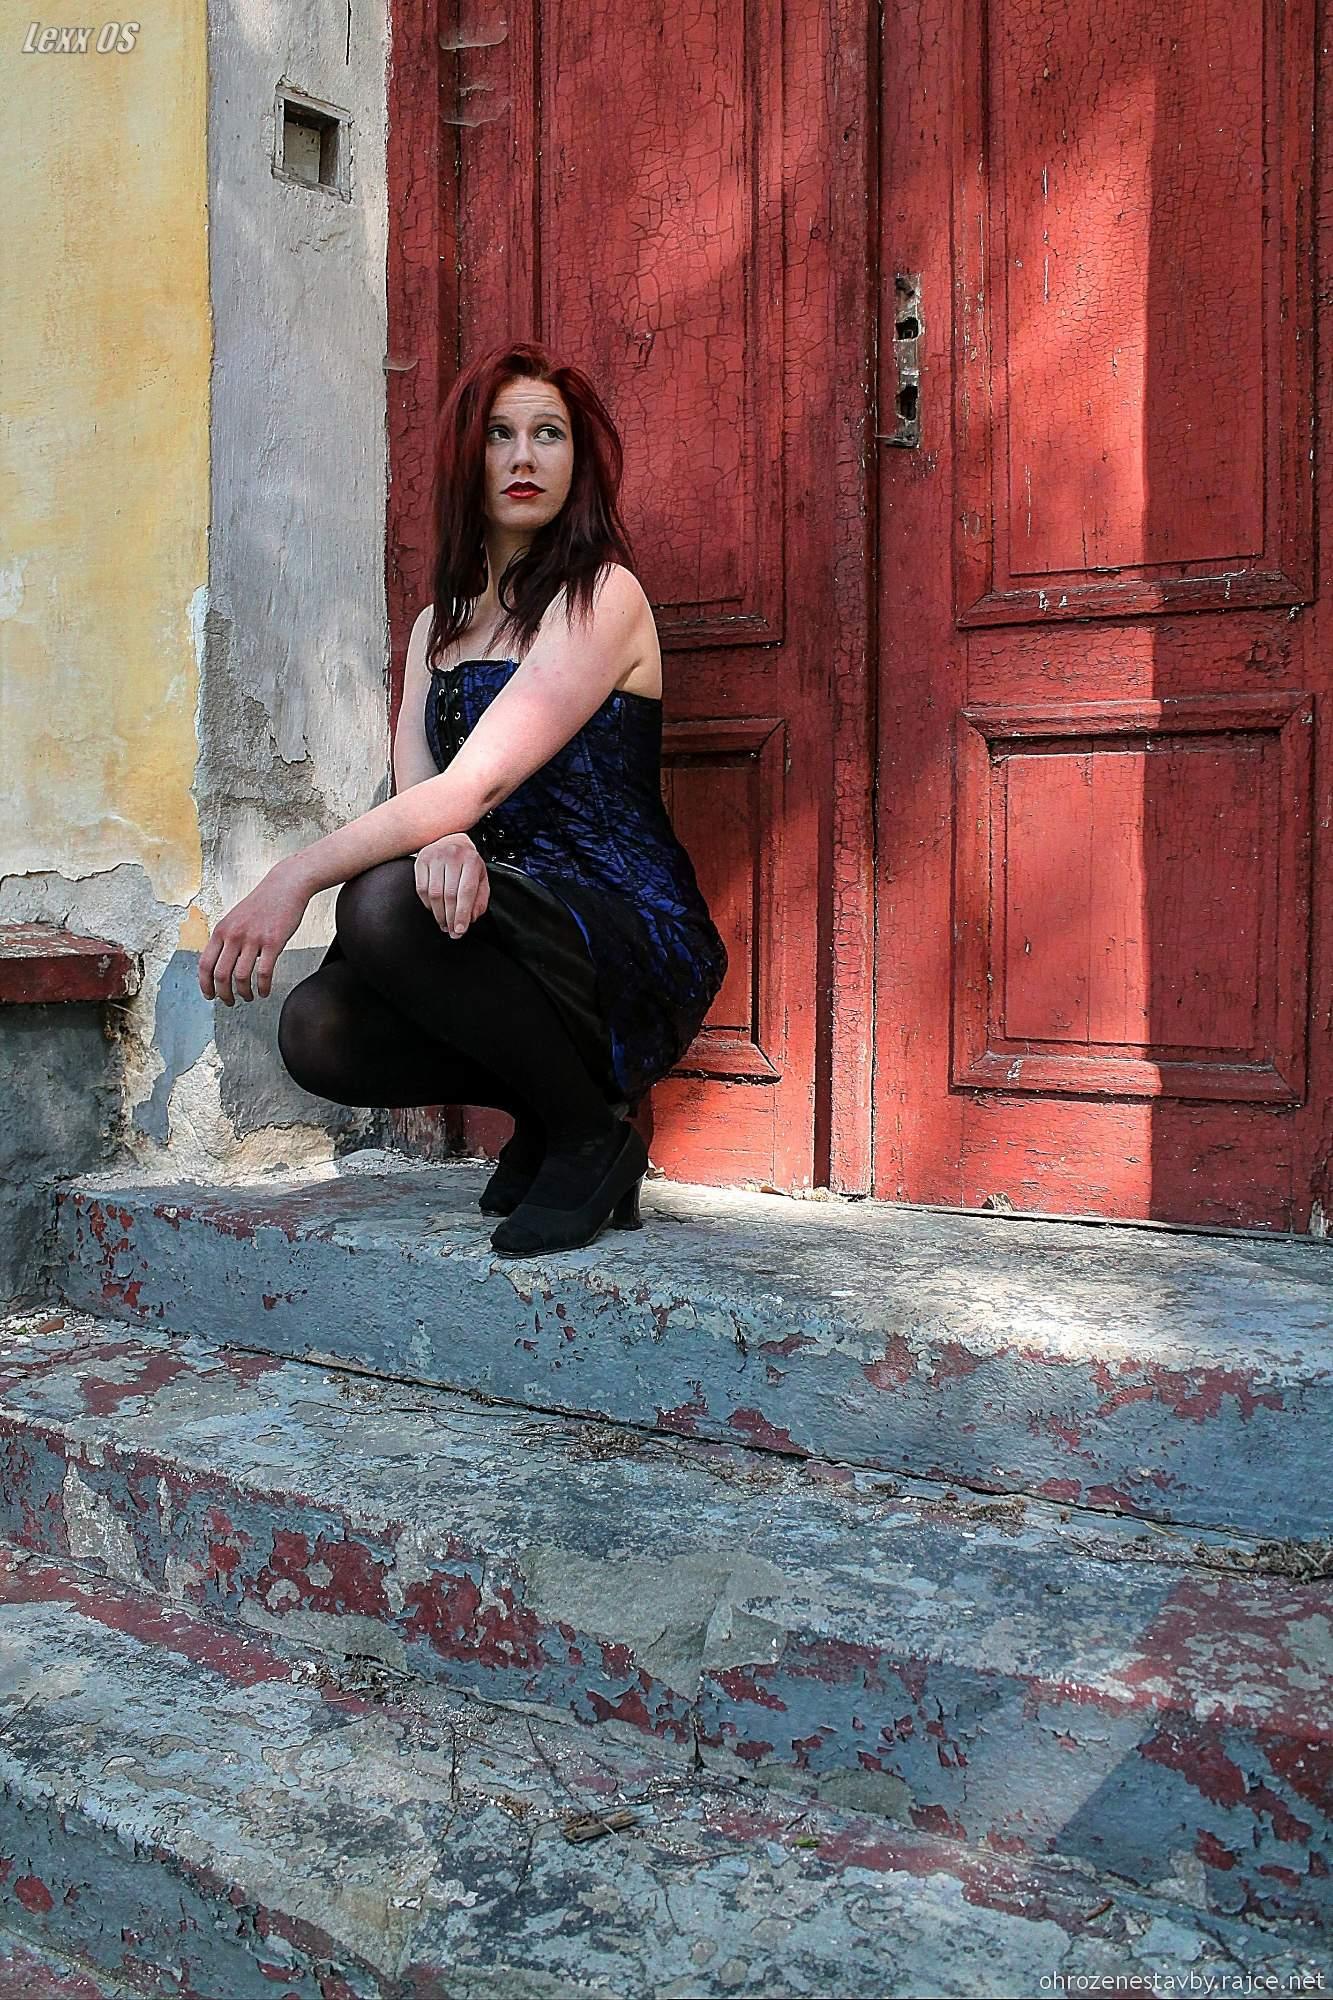 site:rajce.idnes.cz naked wife